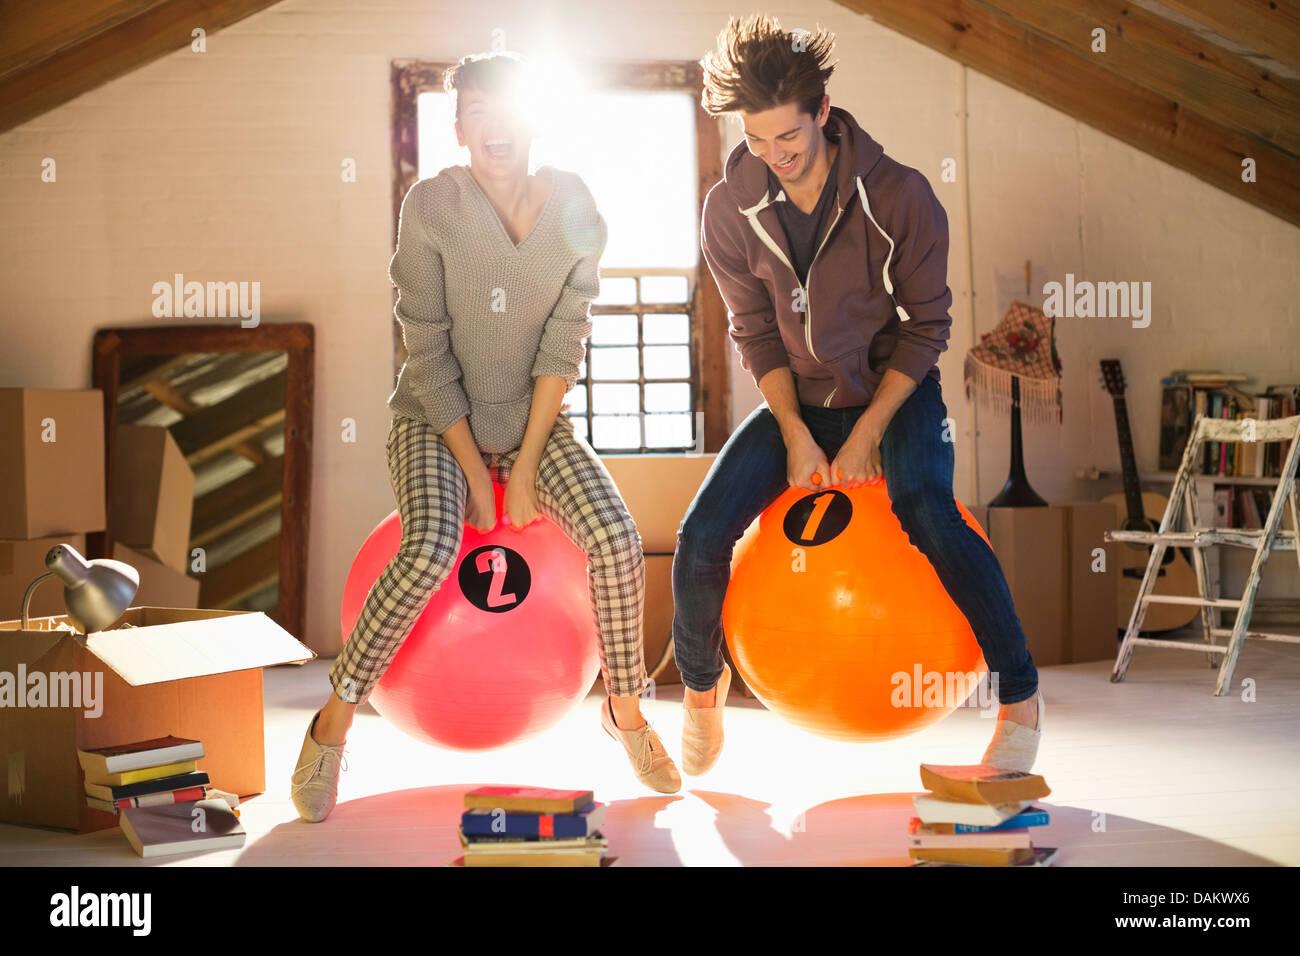 Paar springen auf Gymnastikbällen zusammen Stockfoto